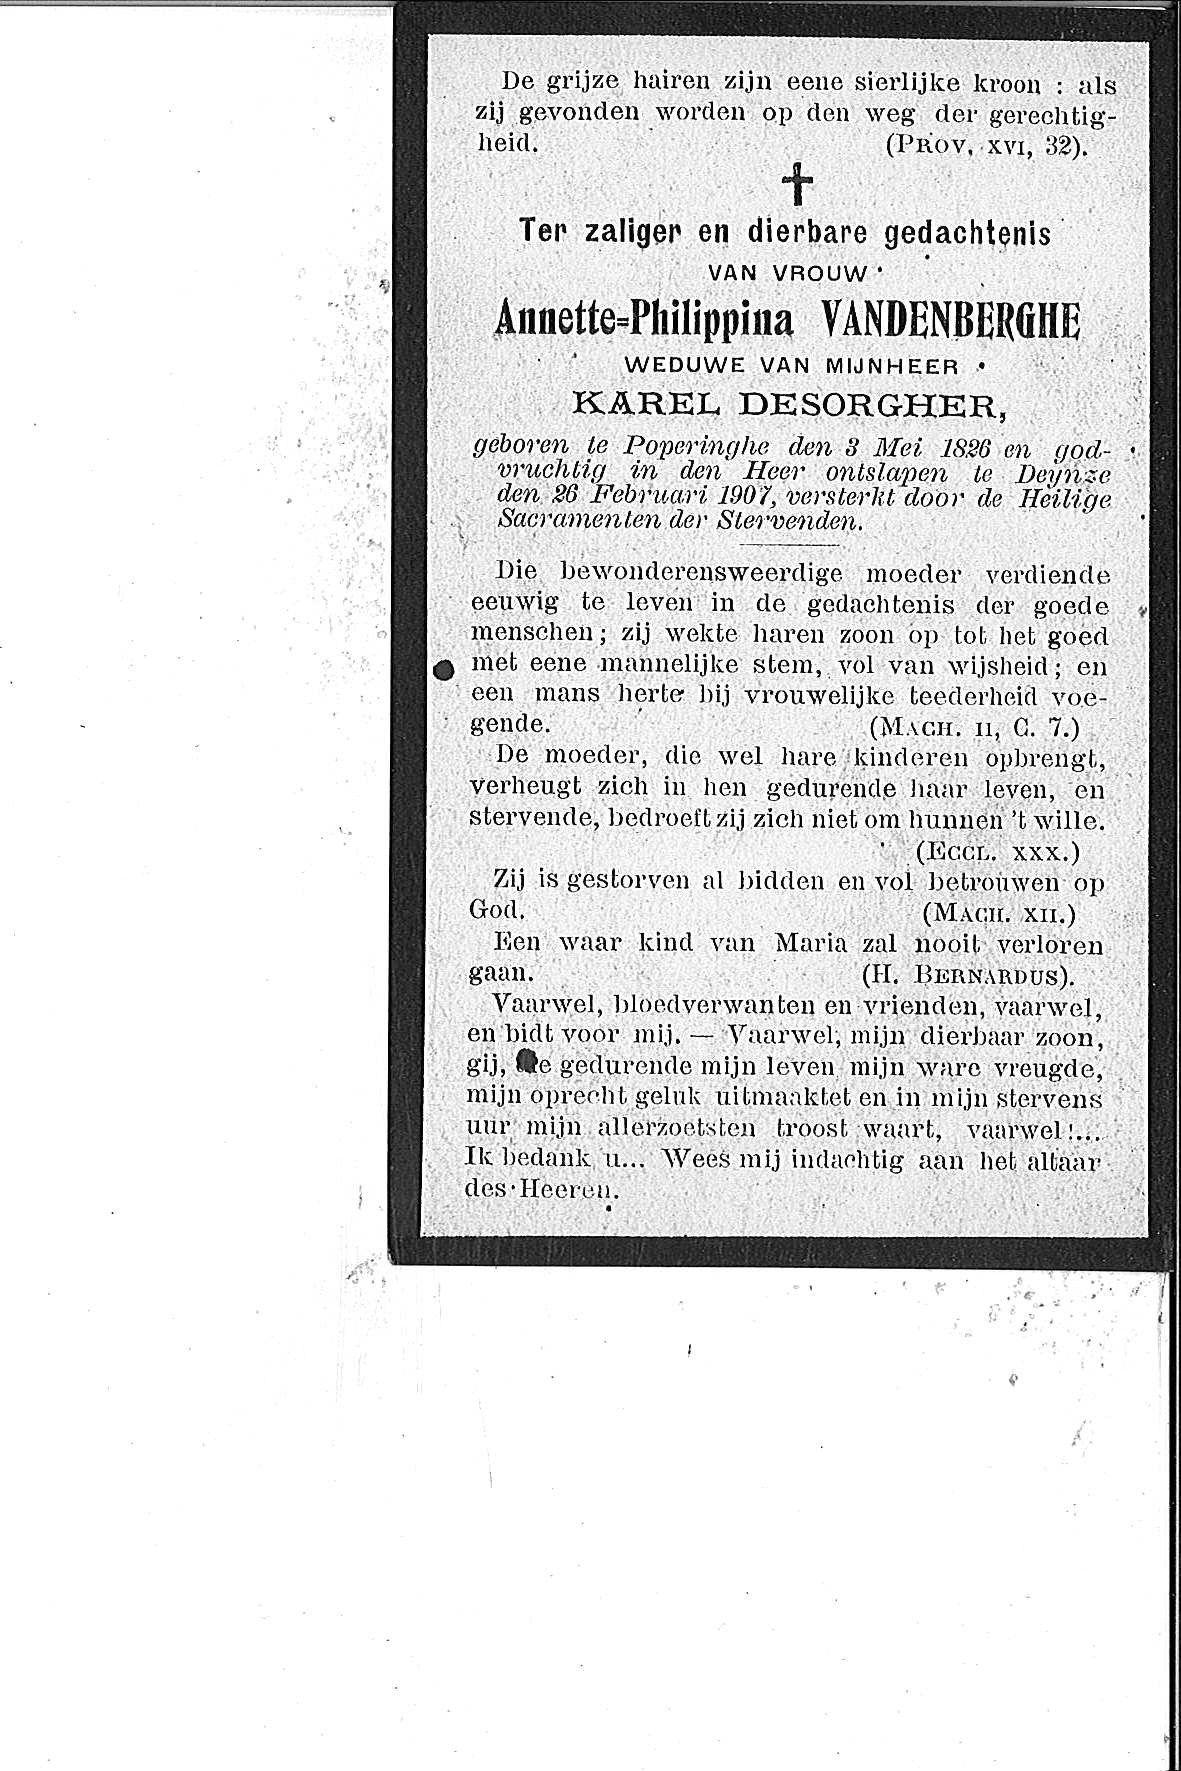 Annette_Philippina(1907)20150807111619_00011.jpg